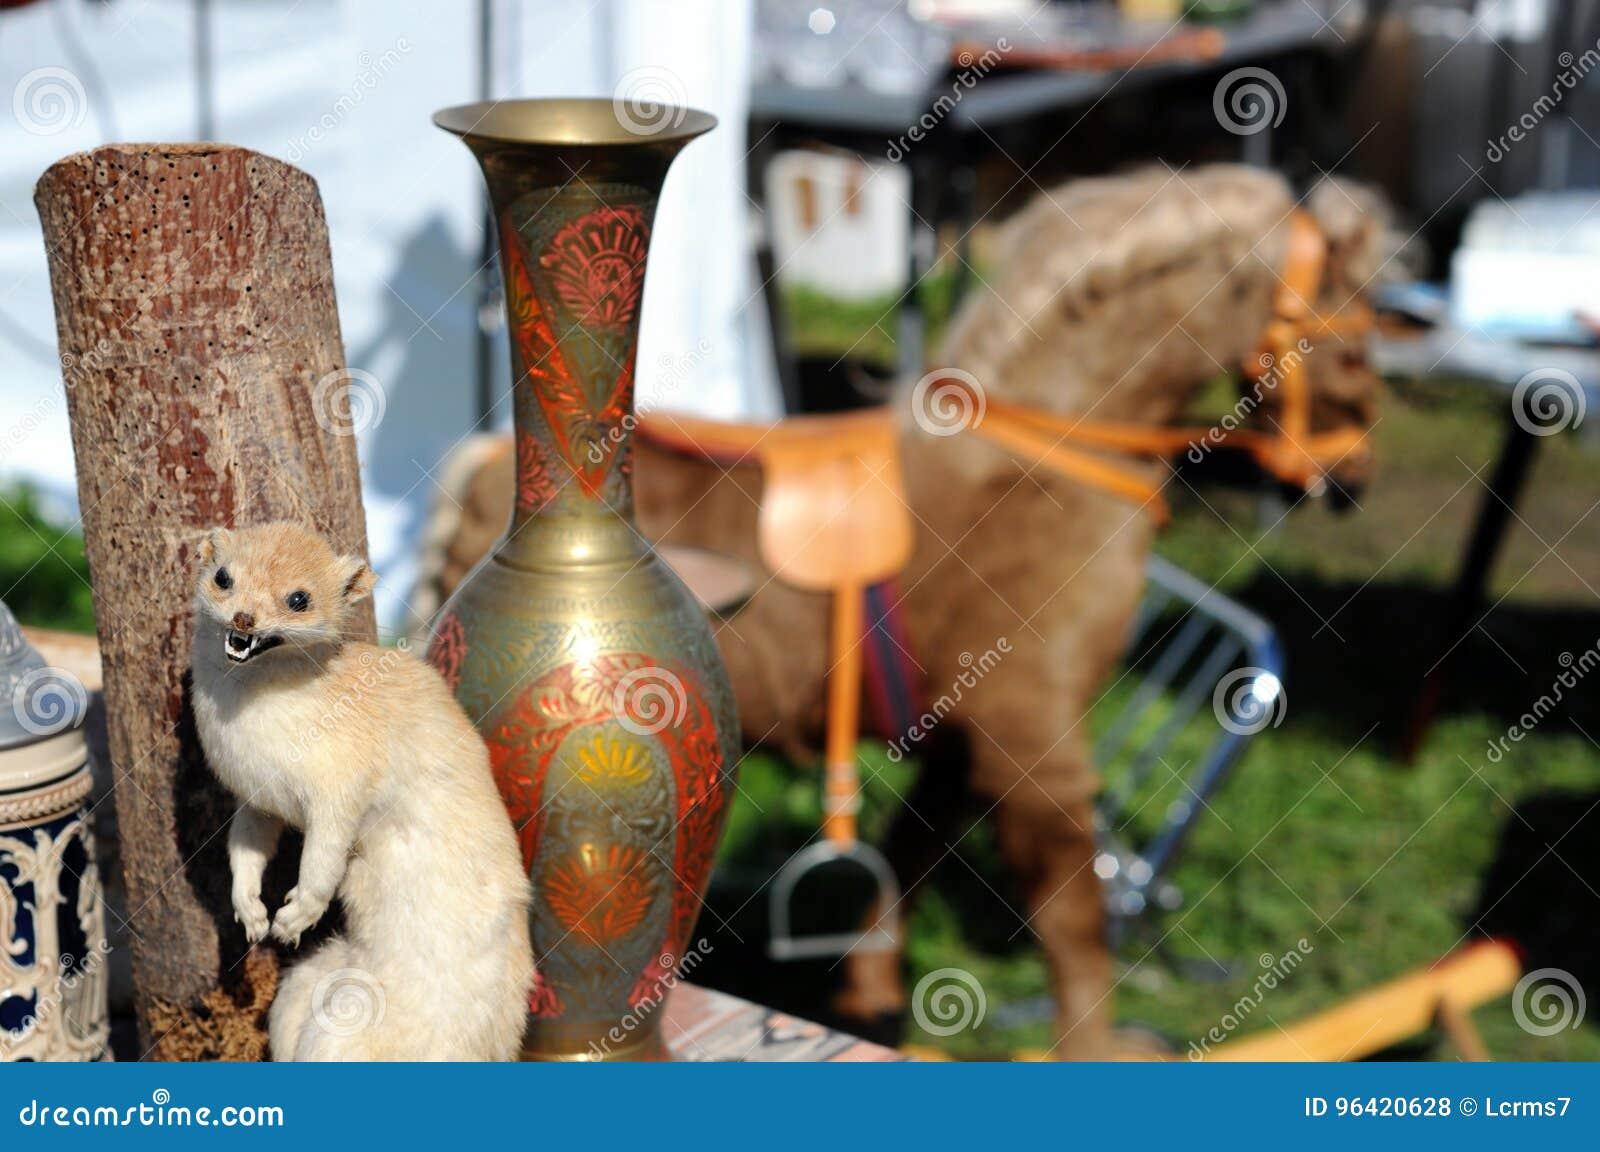 动物标本剥制术狡猾的人和花瓶 摇马在背景中 蚤3月